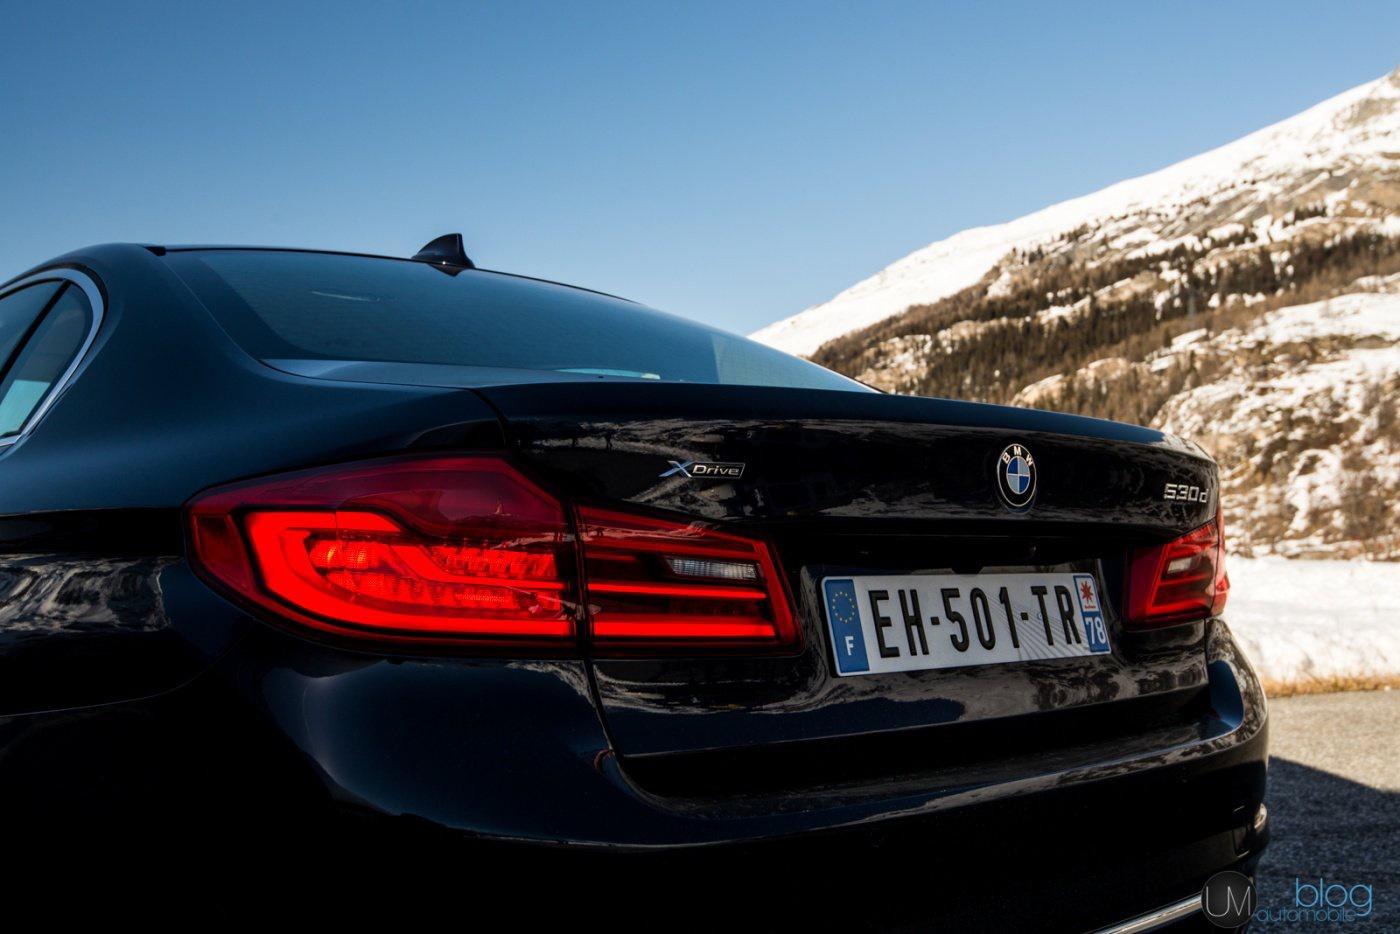 Xdrive tour d couverte de la montagne en bmw blog automobile - Fondue factory val d isere ...